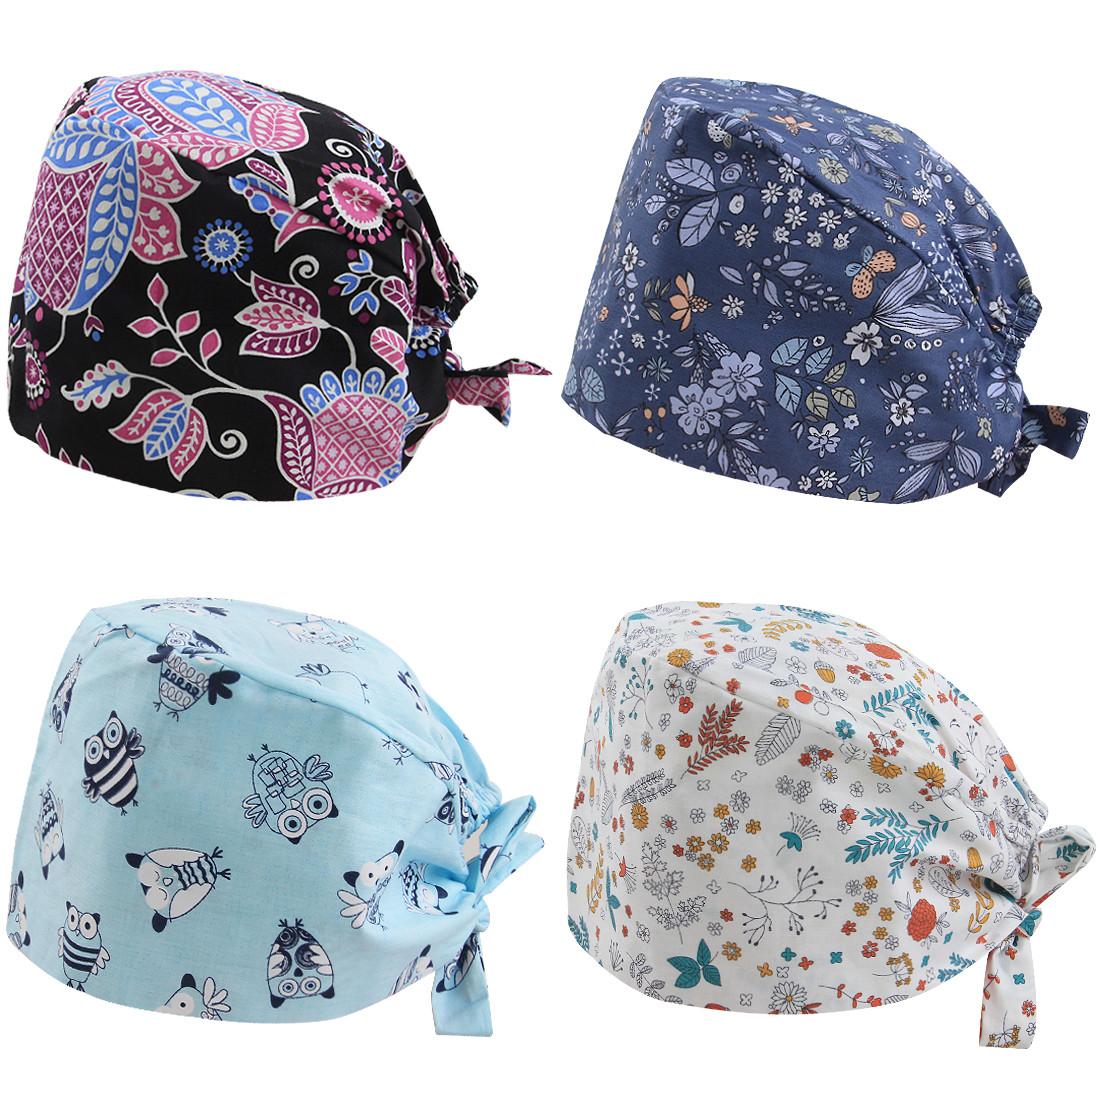 61cdf9362a29e kilofly Women Men Adjustable Scrub Cap Sweatband Bouffant Hats Value Set of  4. See more images